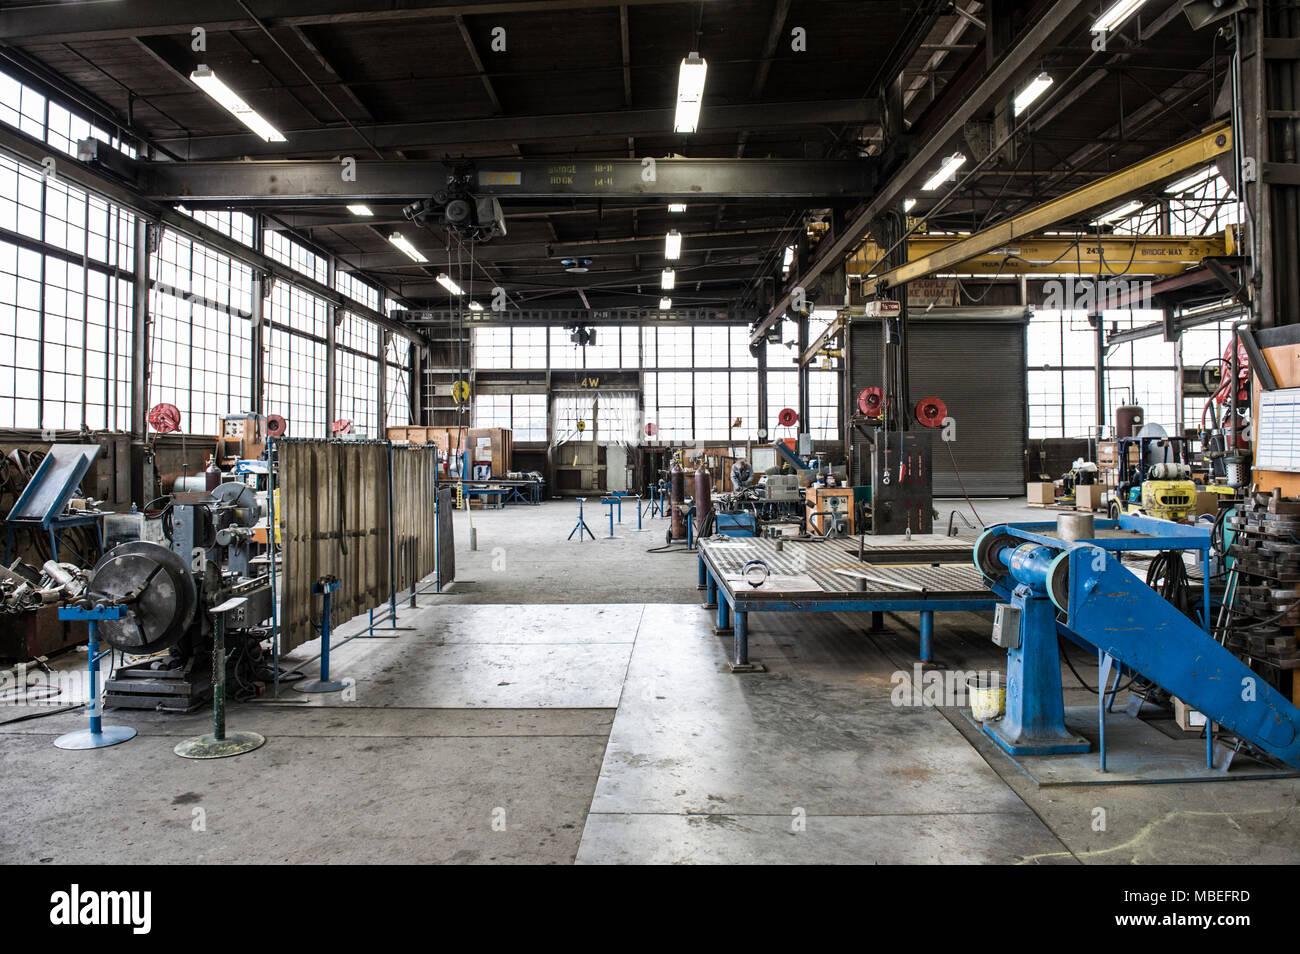 Une usine avec des machines industrielles et des espaces ouverts, presses à métal et des engins de levage et de portiques. La production. Banque D'Images